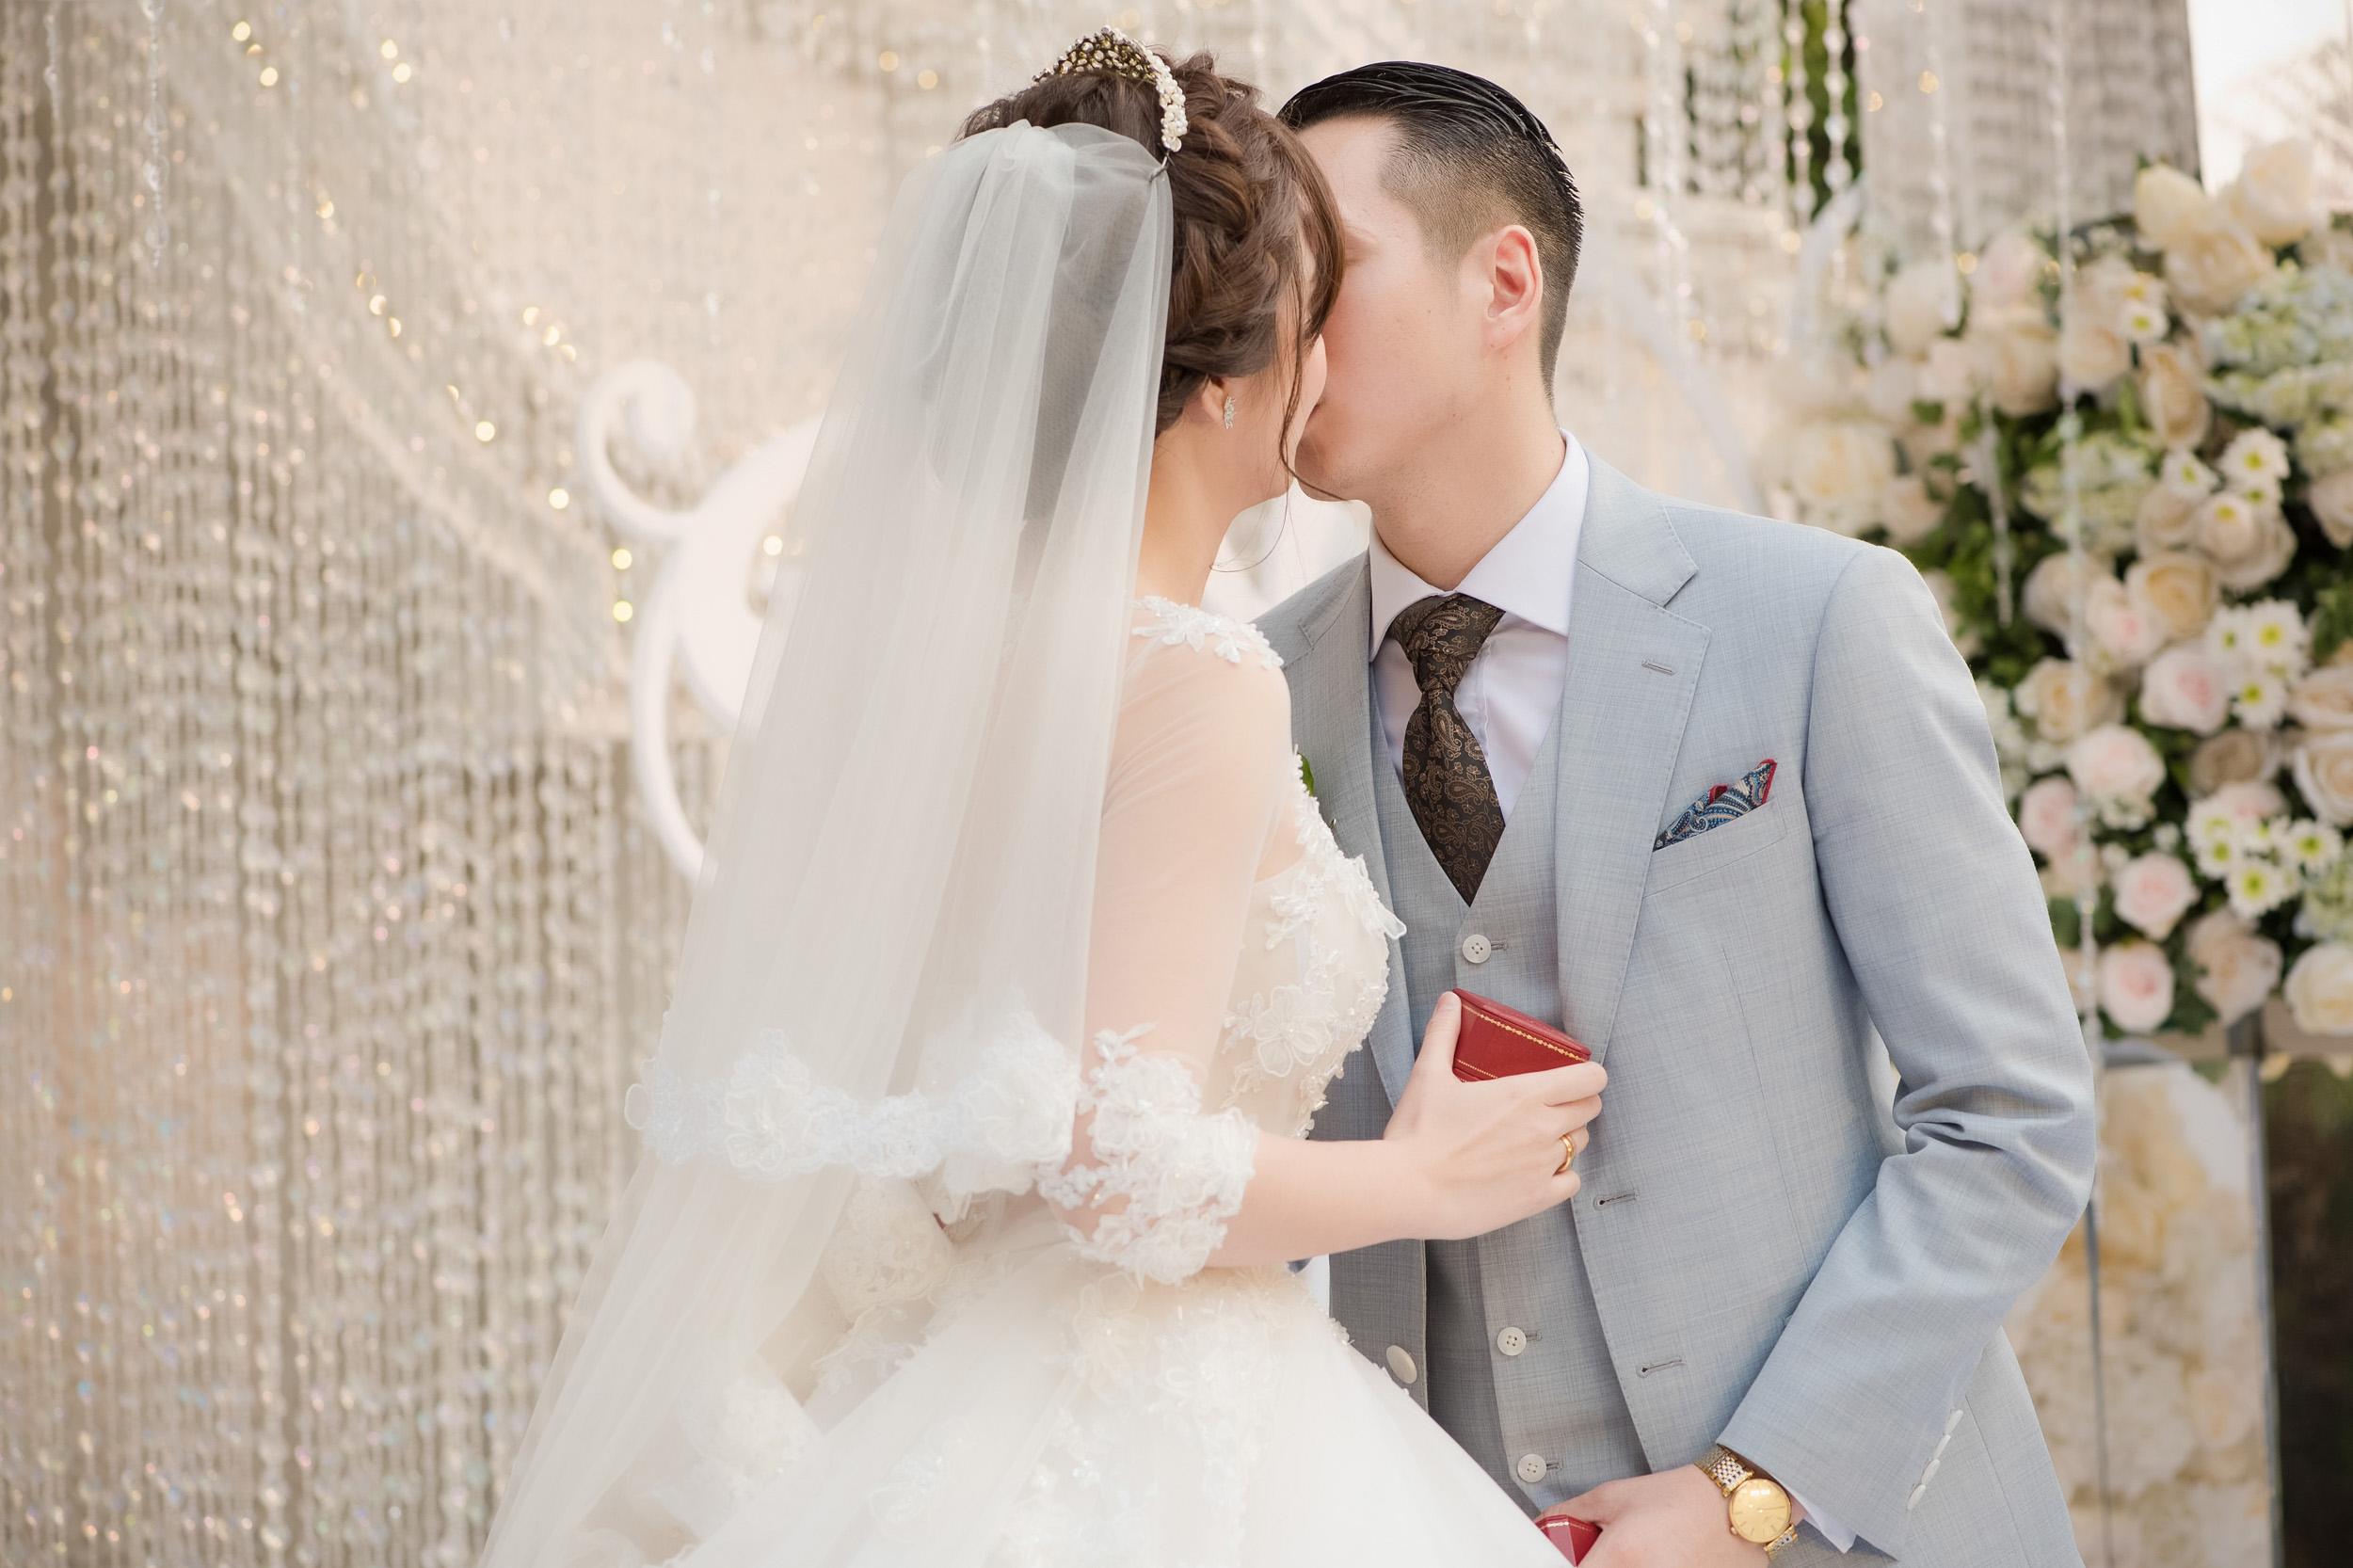 Tú Linh bật khóc cảm ơn bố mẹ chồng trong đám cưới - Ảnh 8.